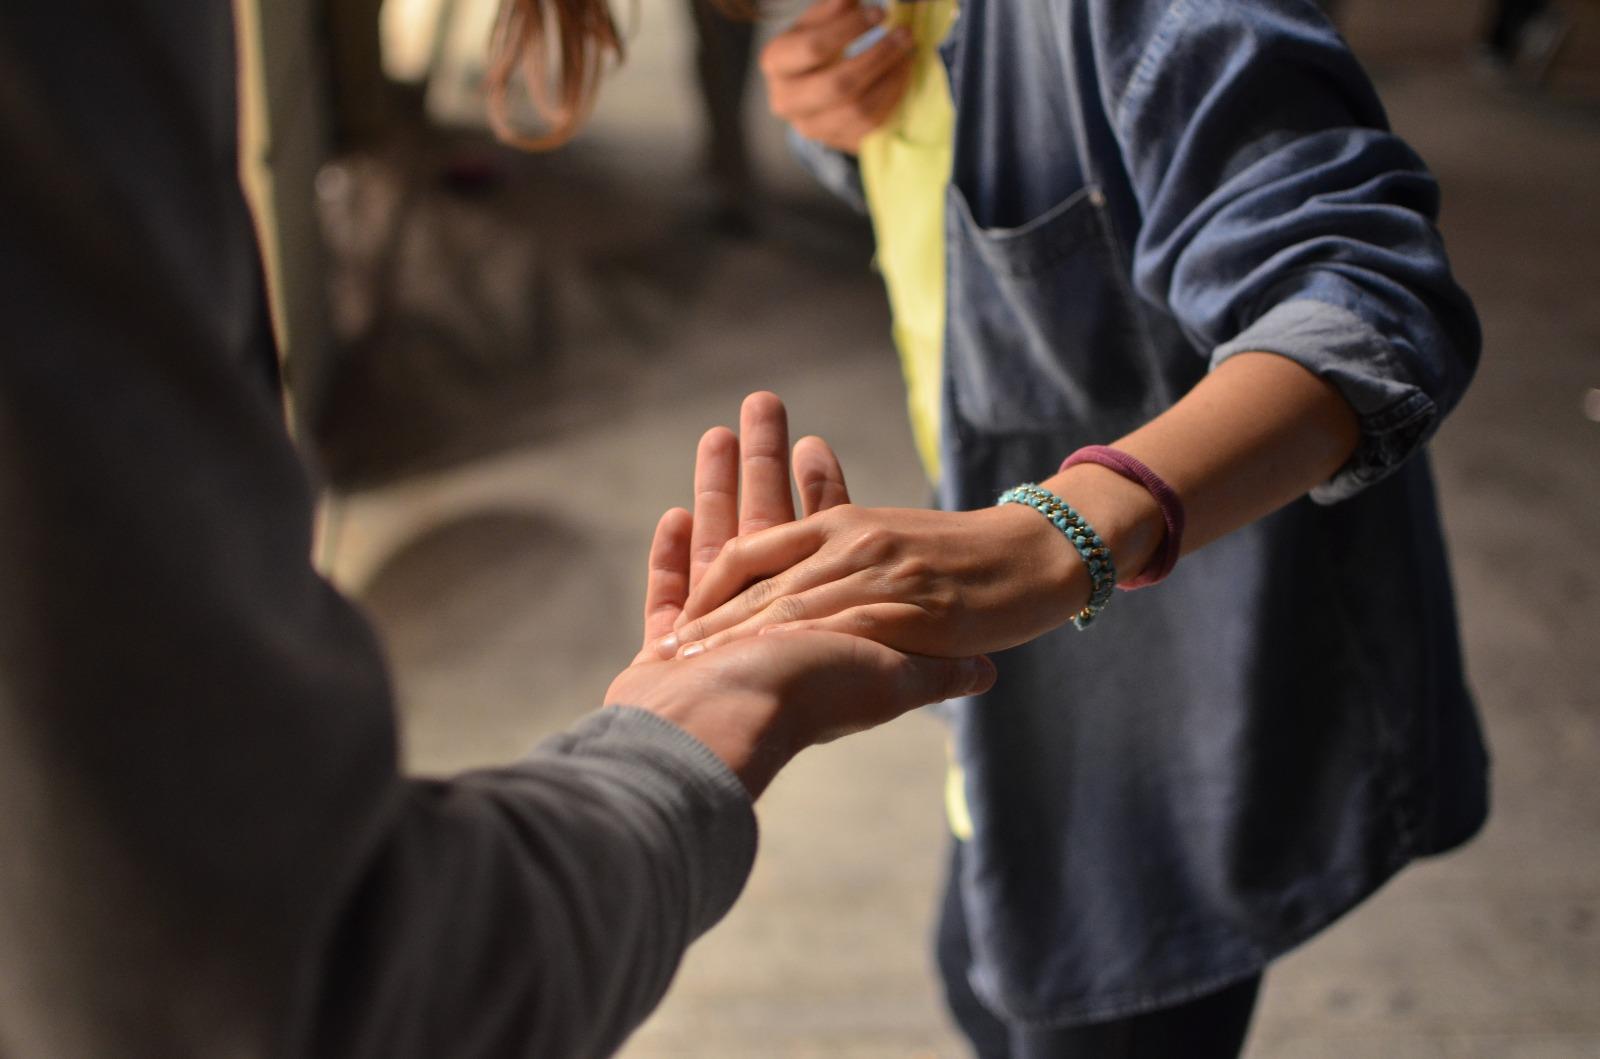 Dos personas se dan la mano.